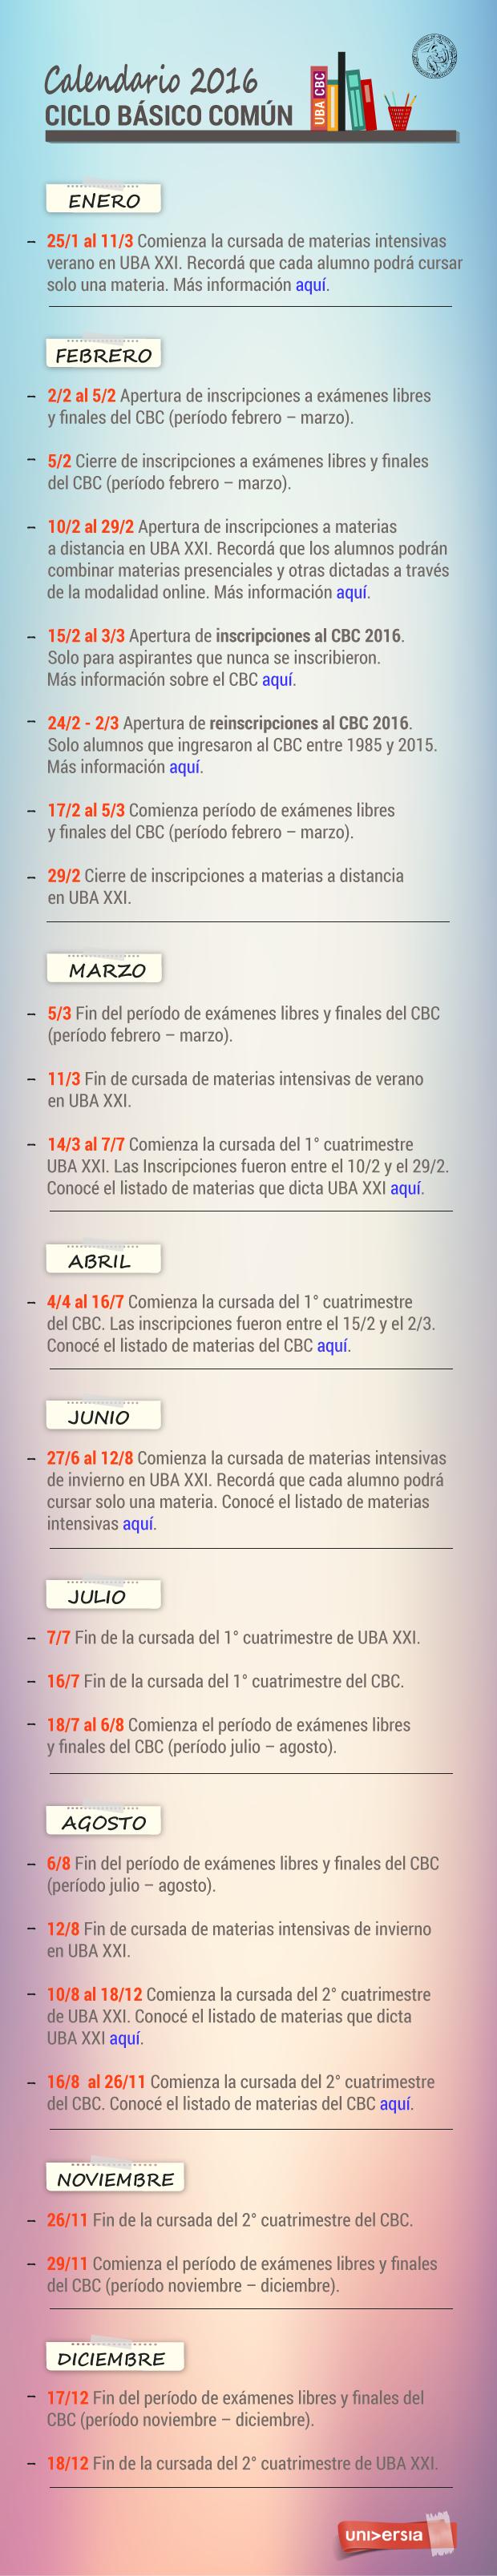 Calendario 2016 Ciclo básico común